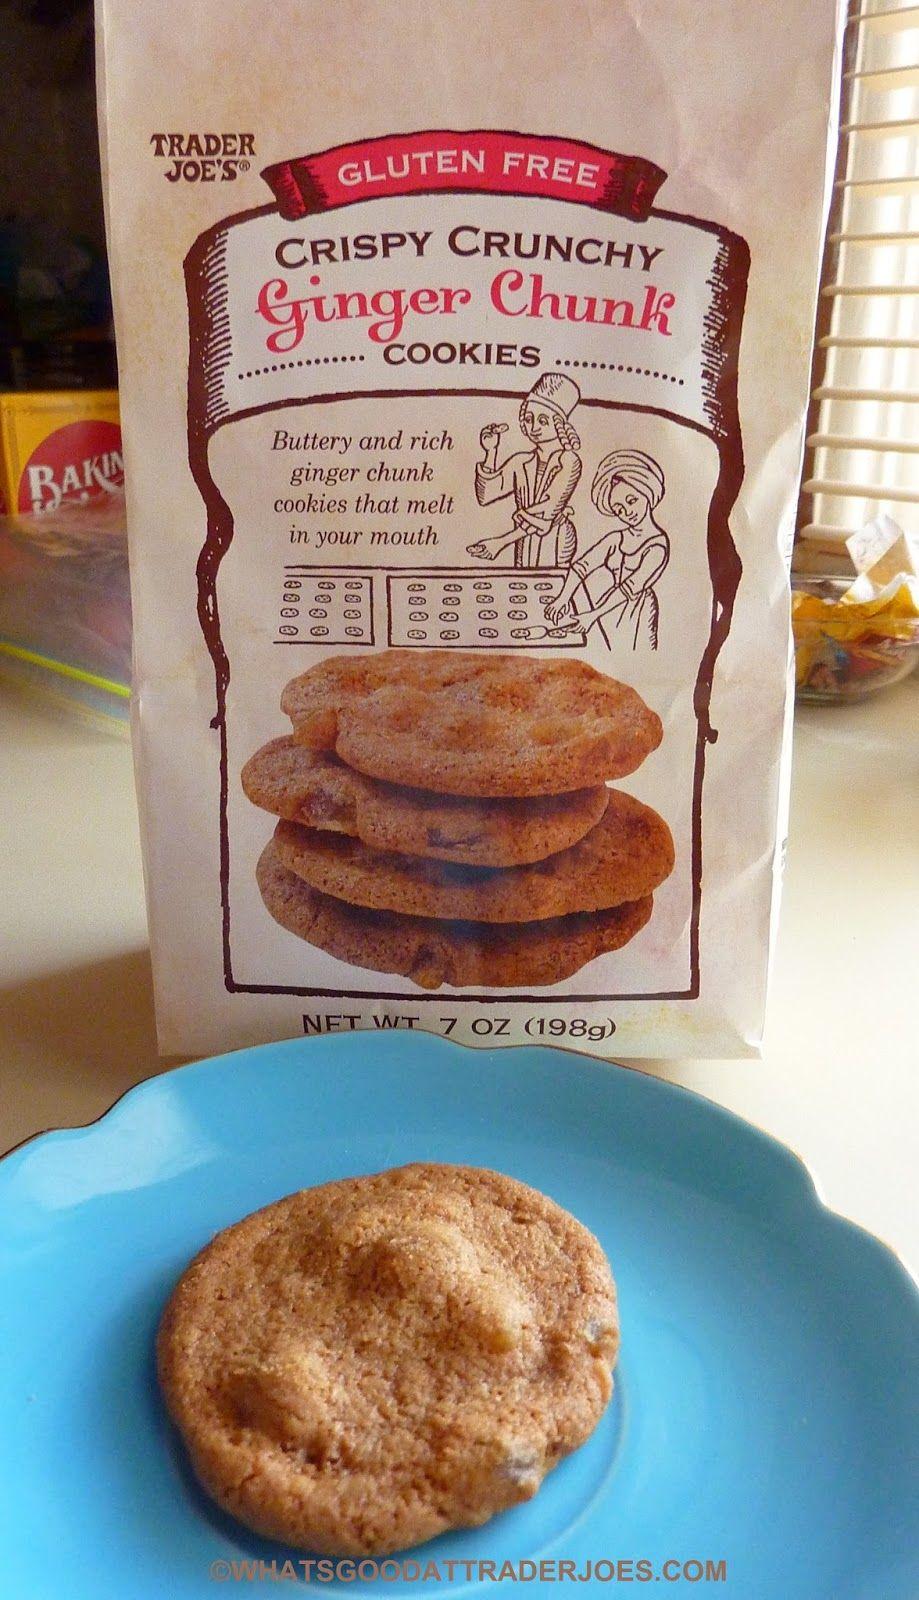 trader joe's crispy crunchy chocolate chip cookies ingredients